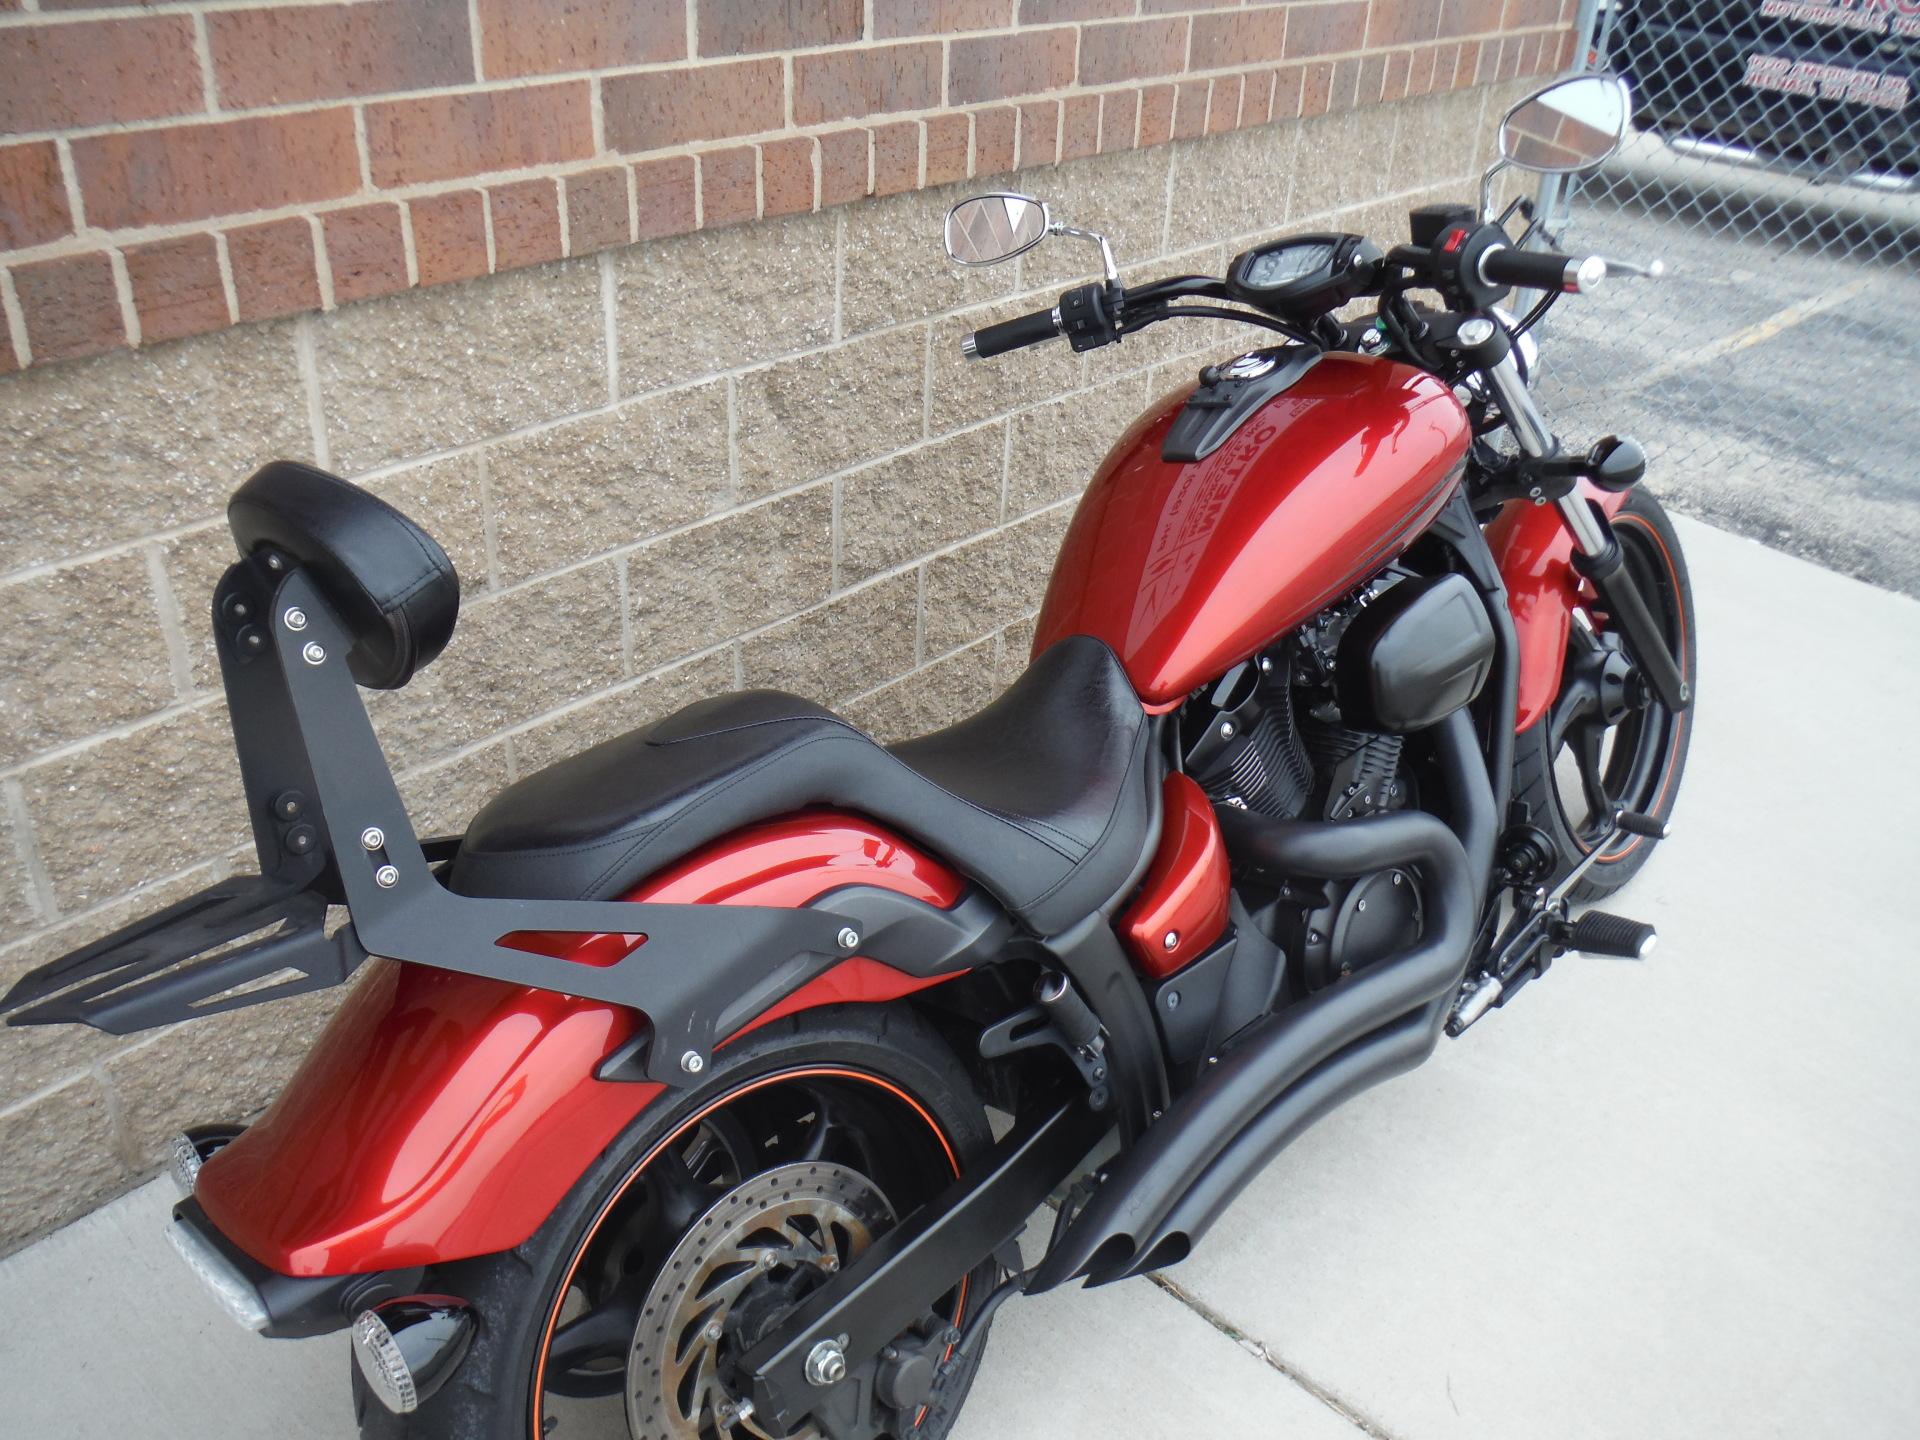 2012 Yamaha Stryker 1300